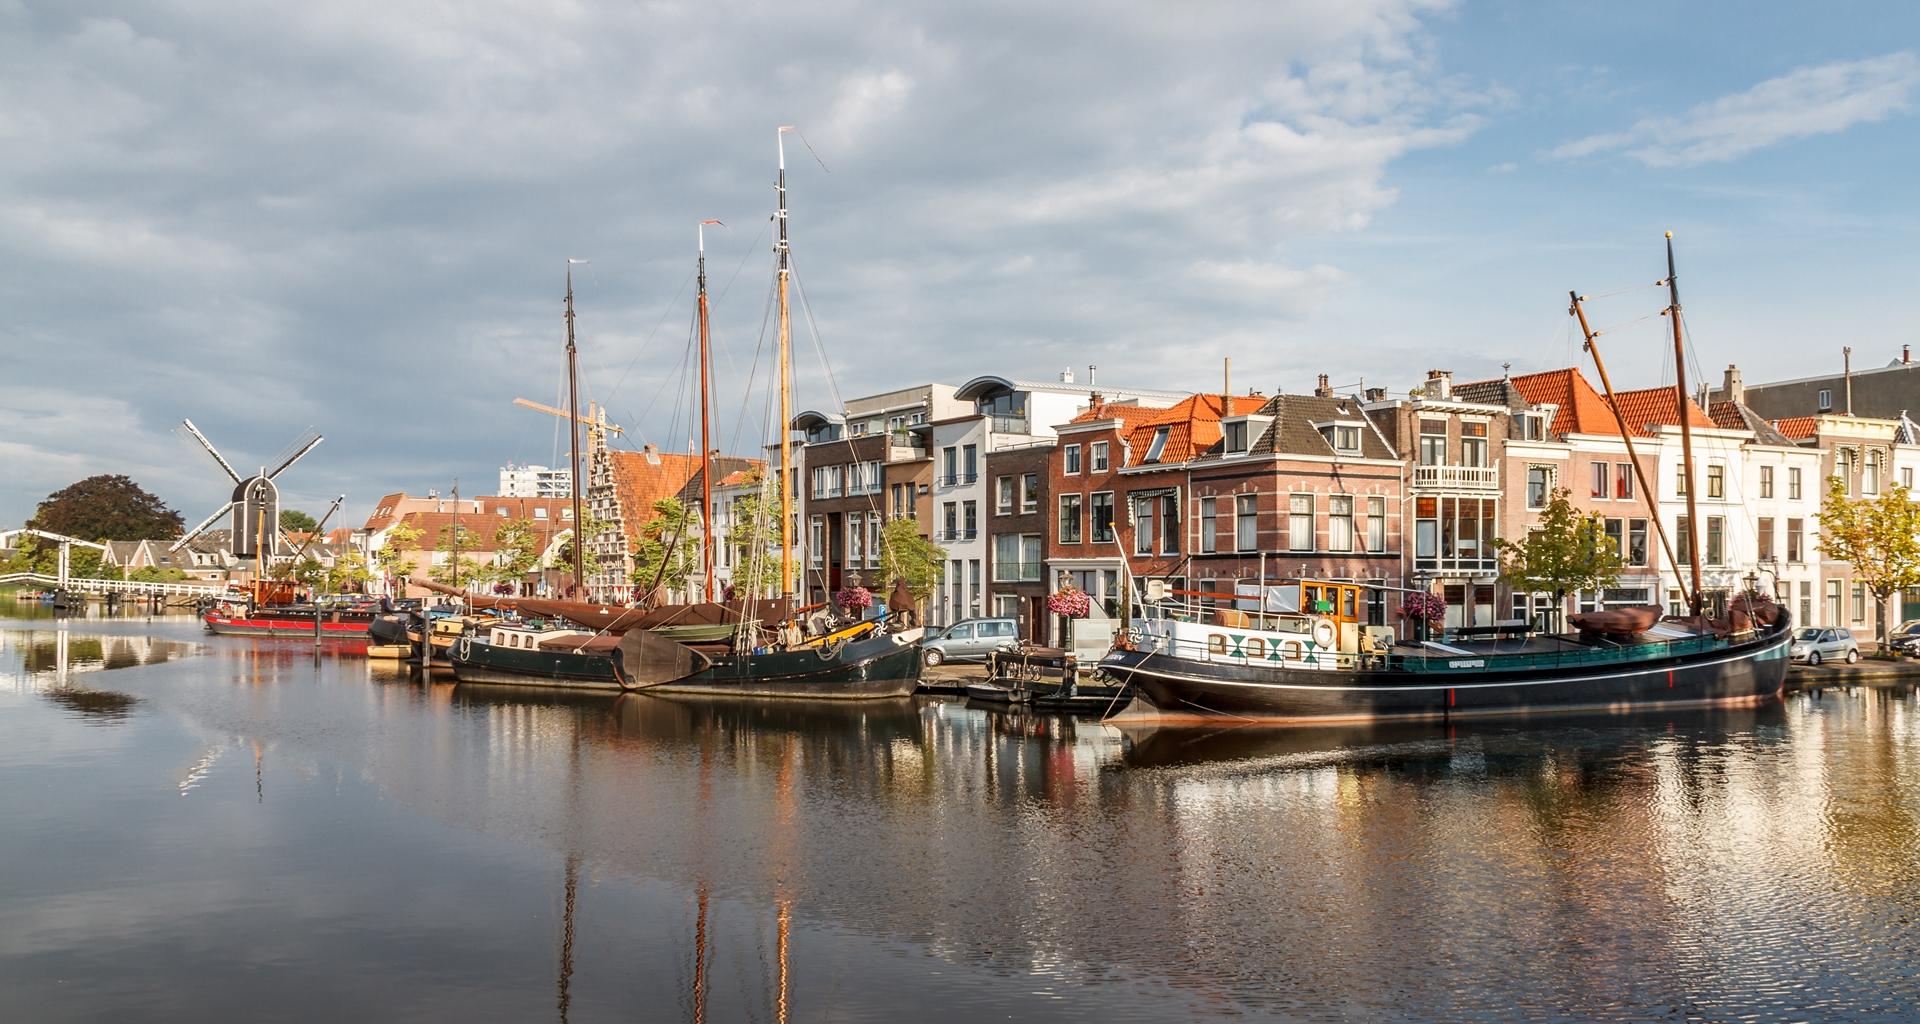 Fietsroutenetwerk | Leiden stad van water en groen